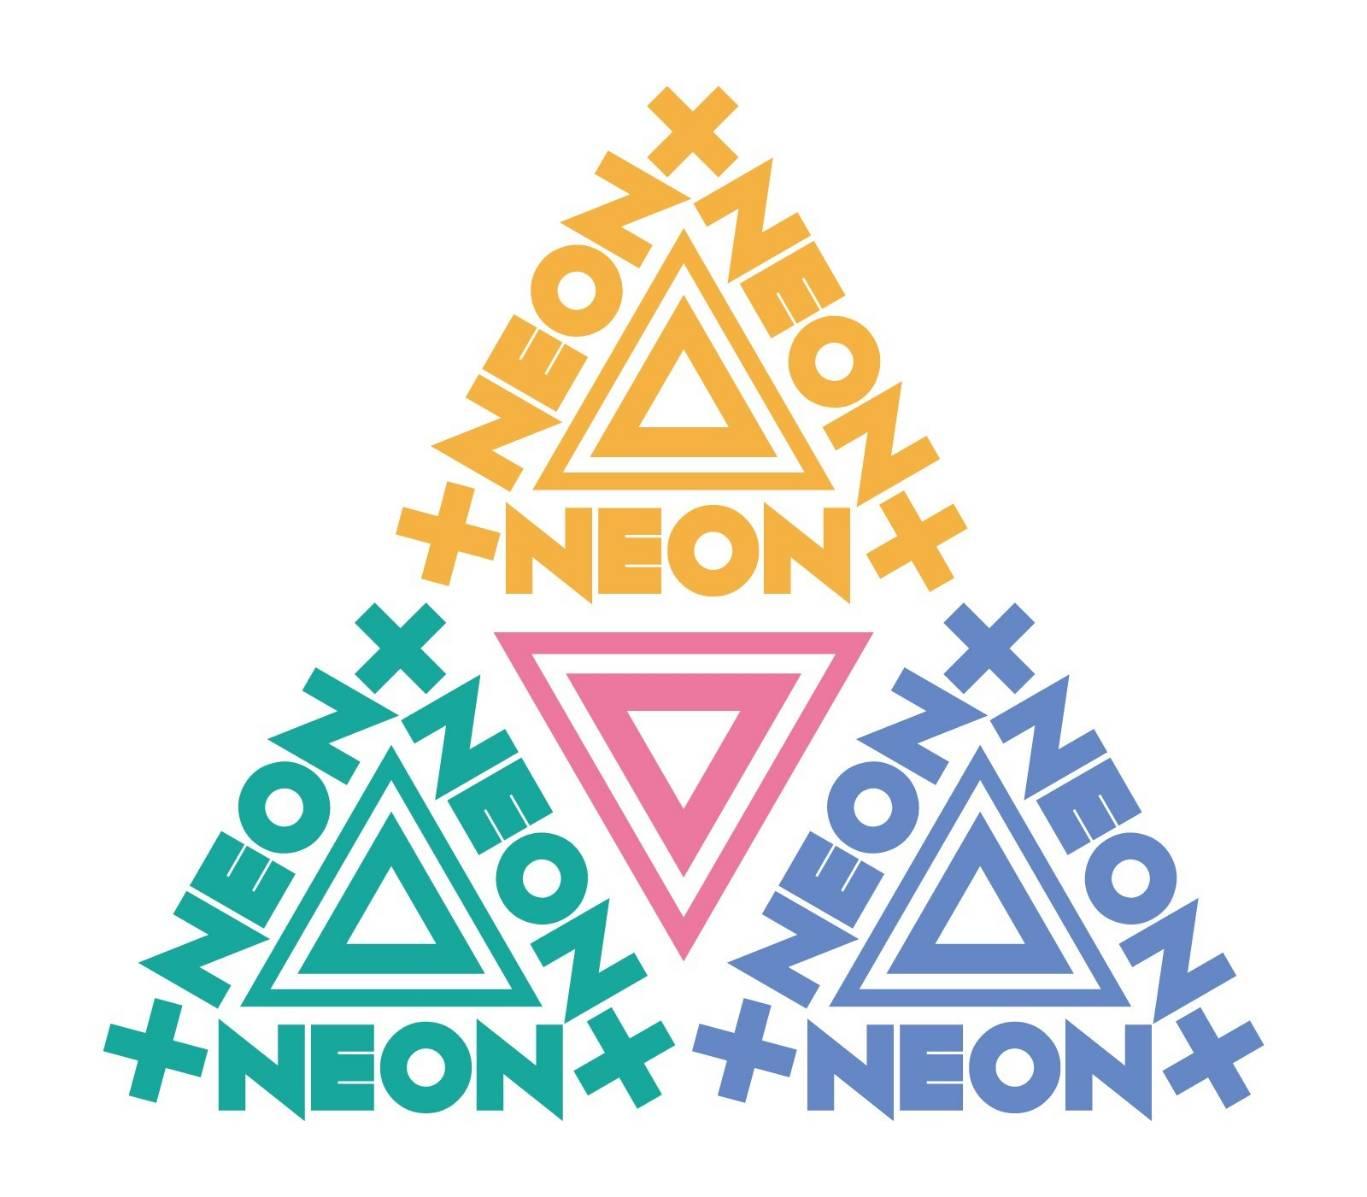 2019年4月3日(水) 『NEON×NEON×NEON』